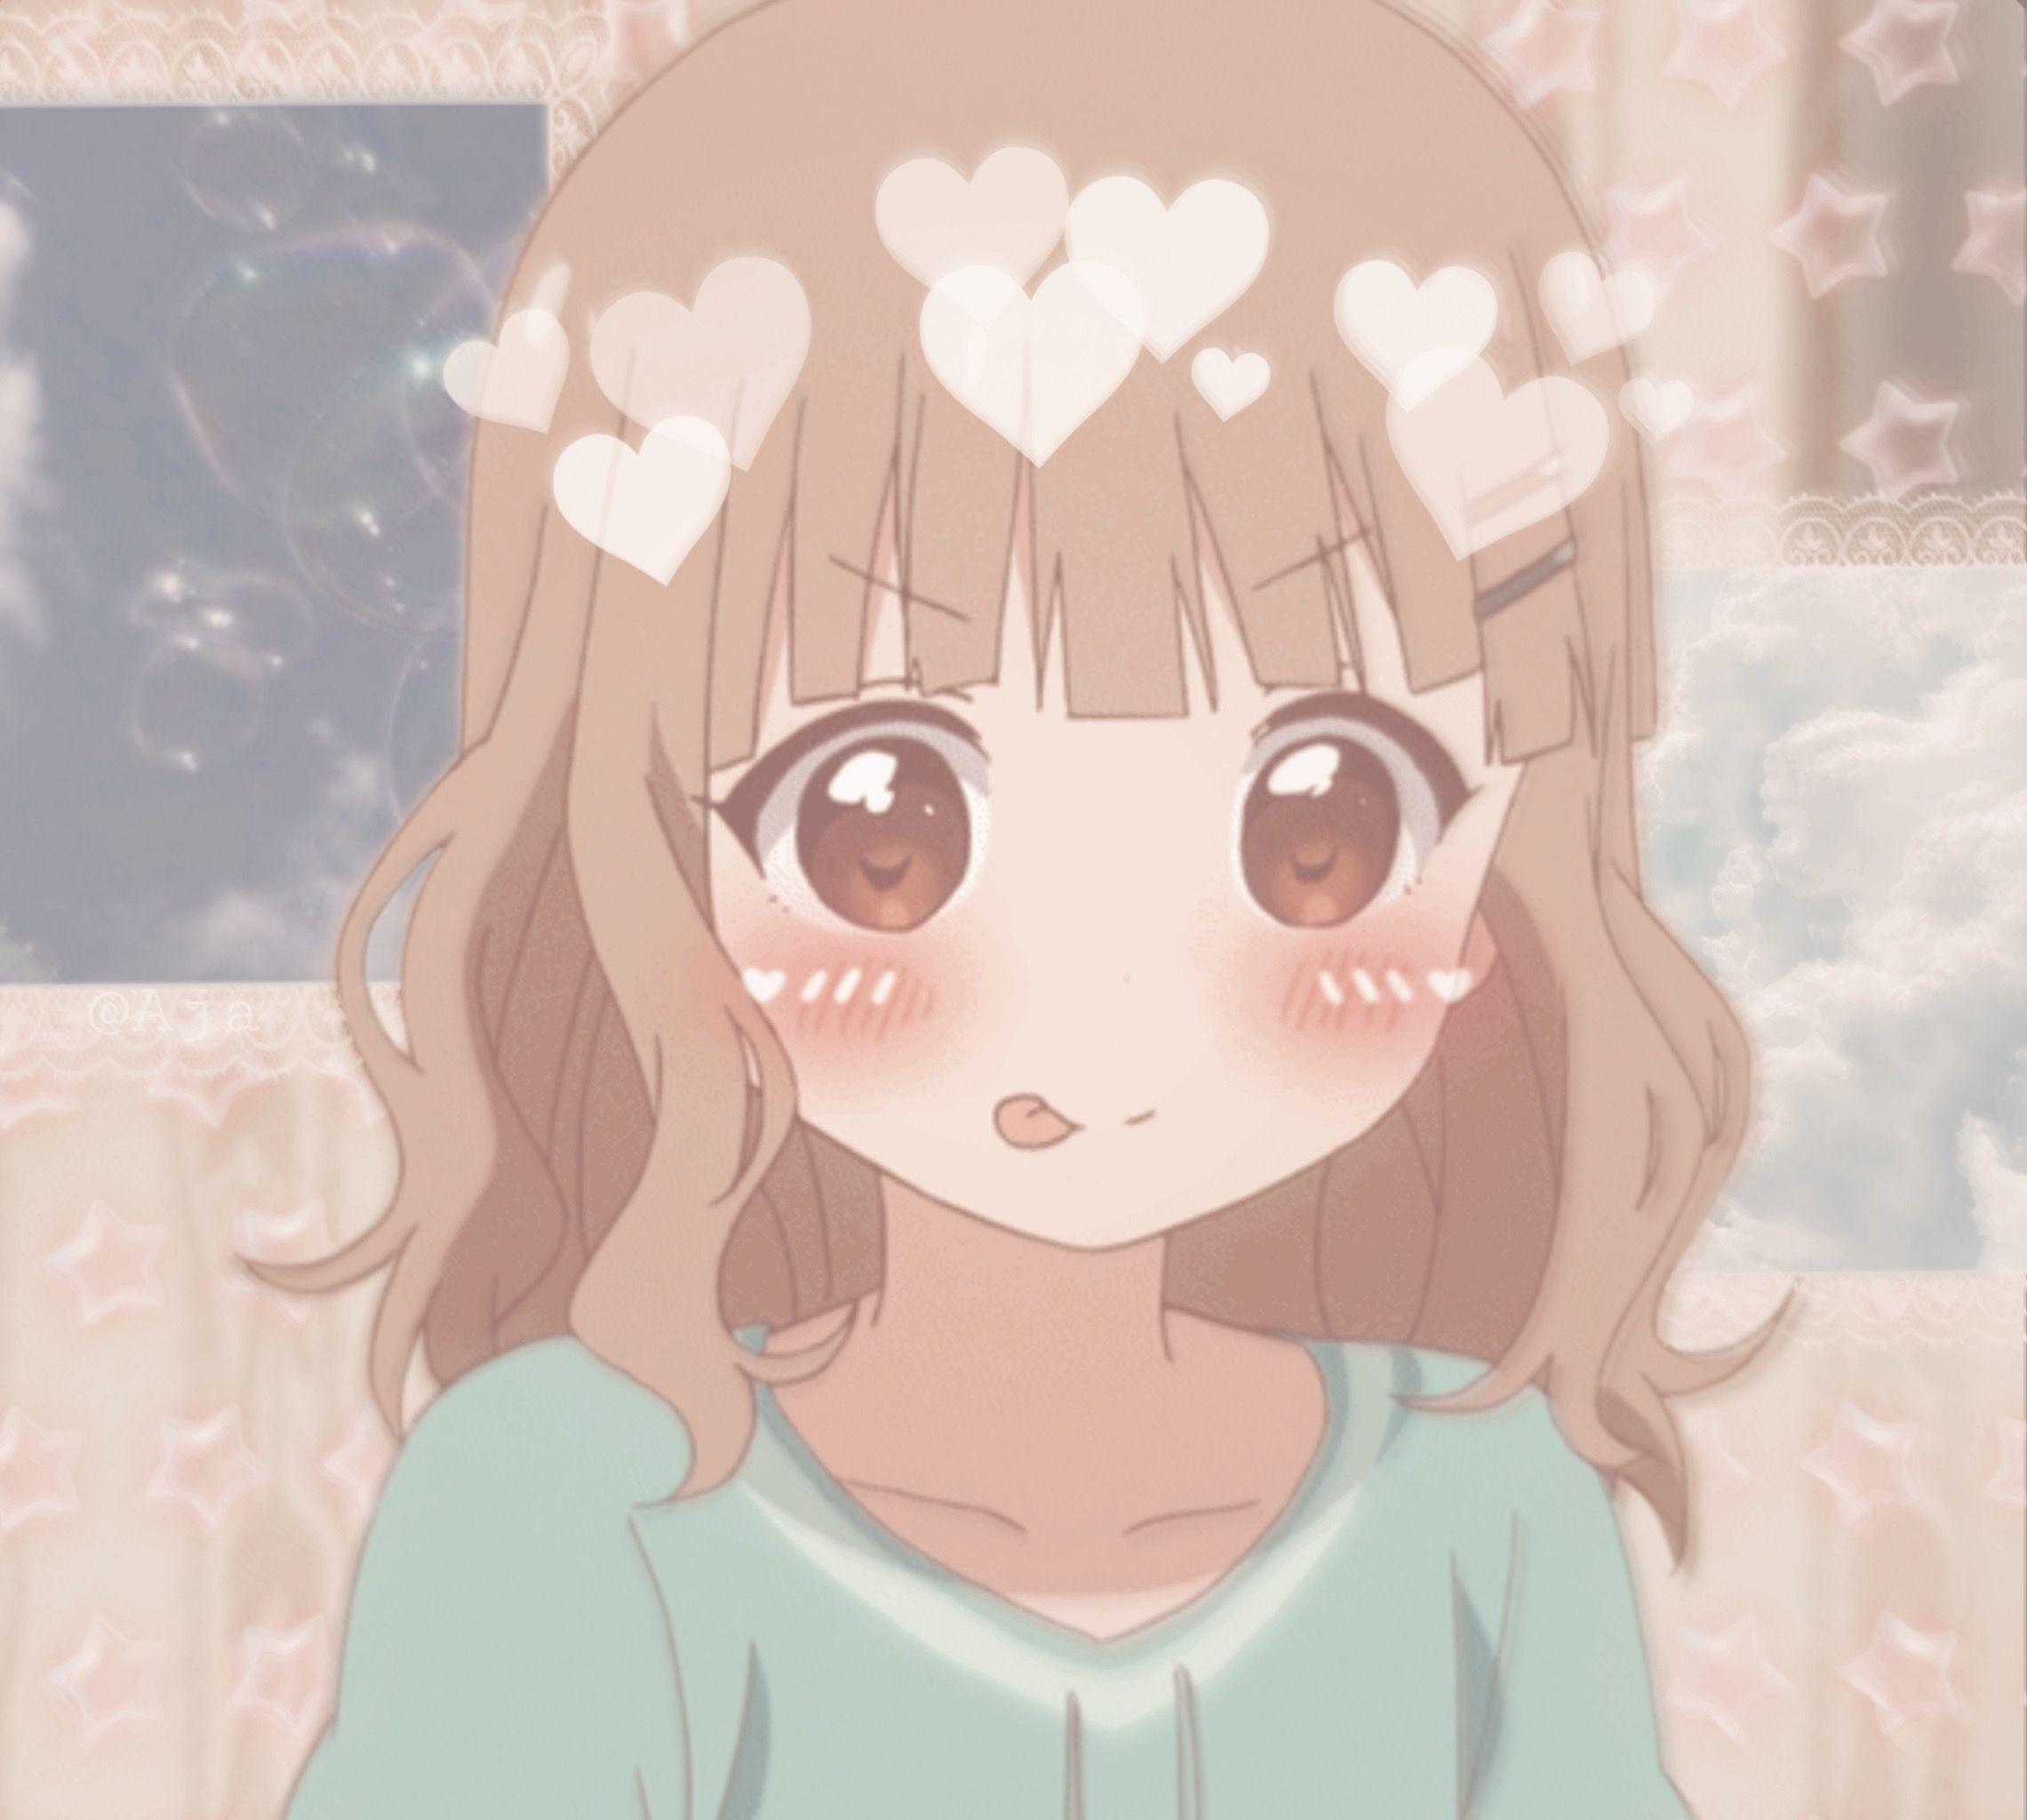 Pin on (っ )っ ♥ Profile pics